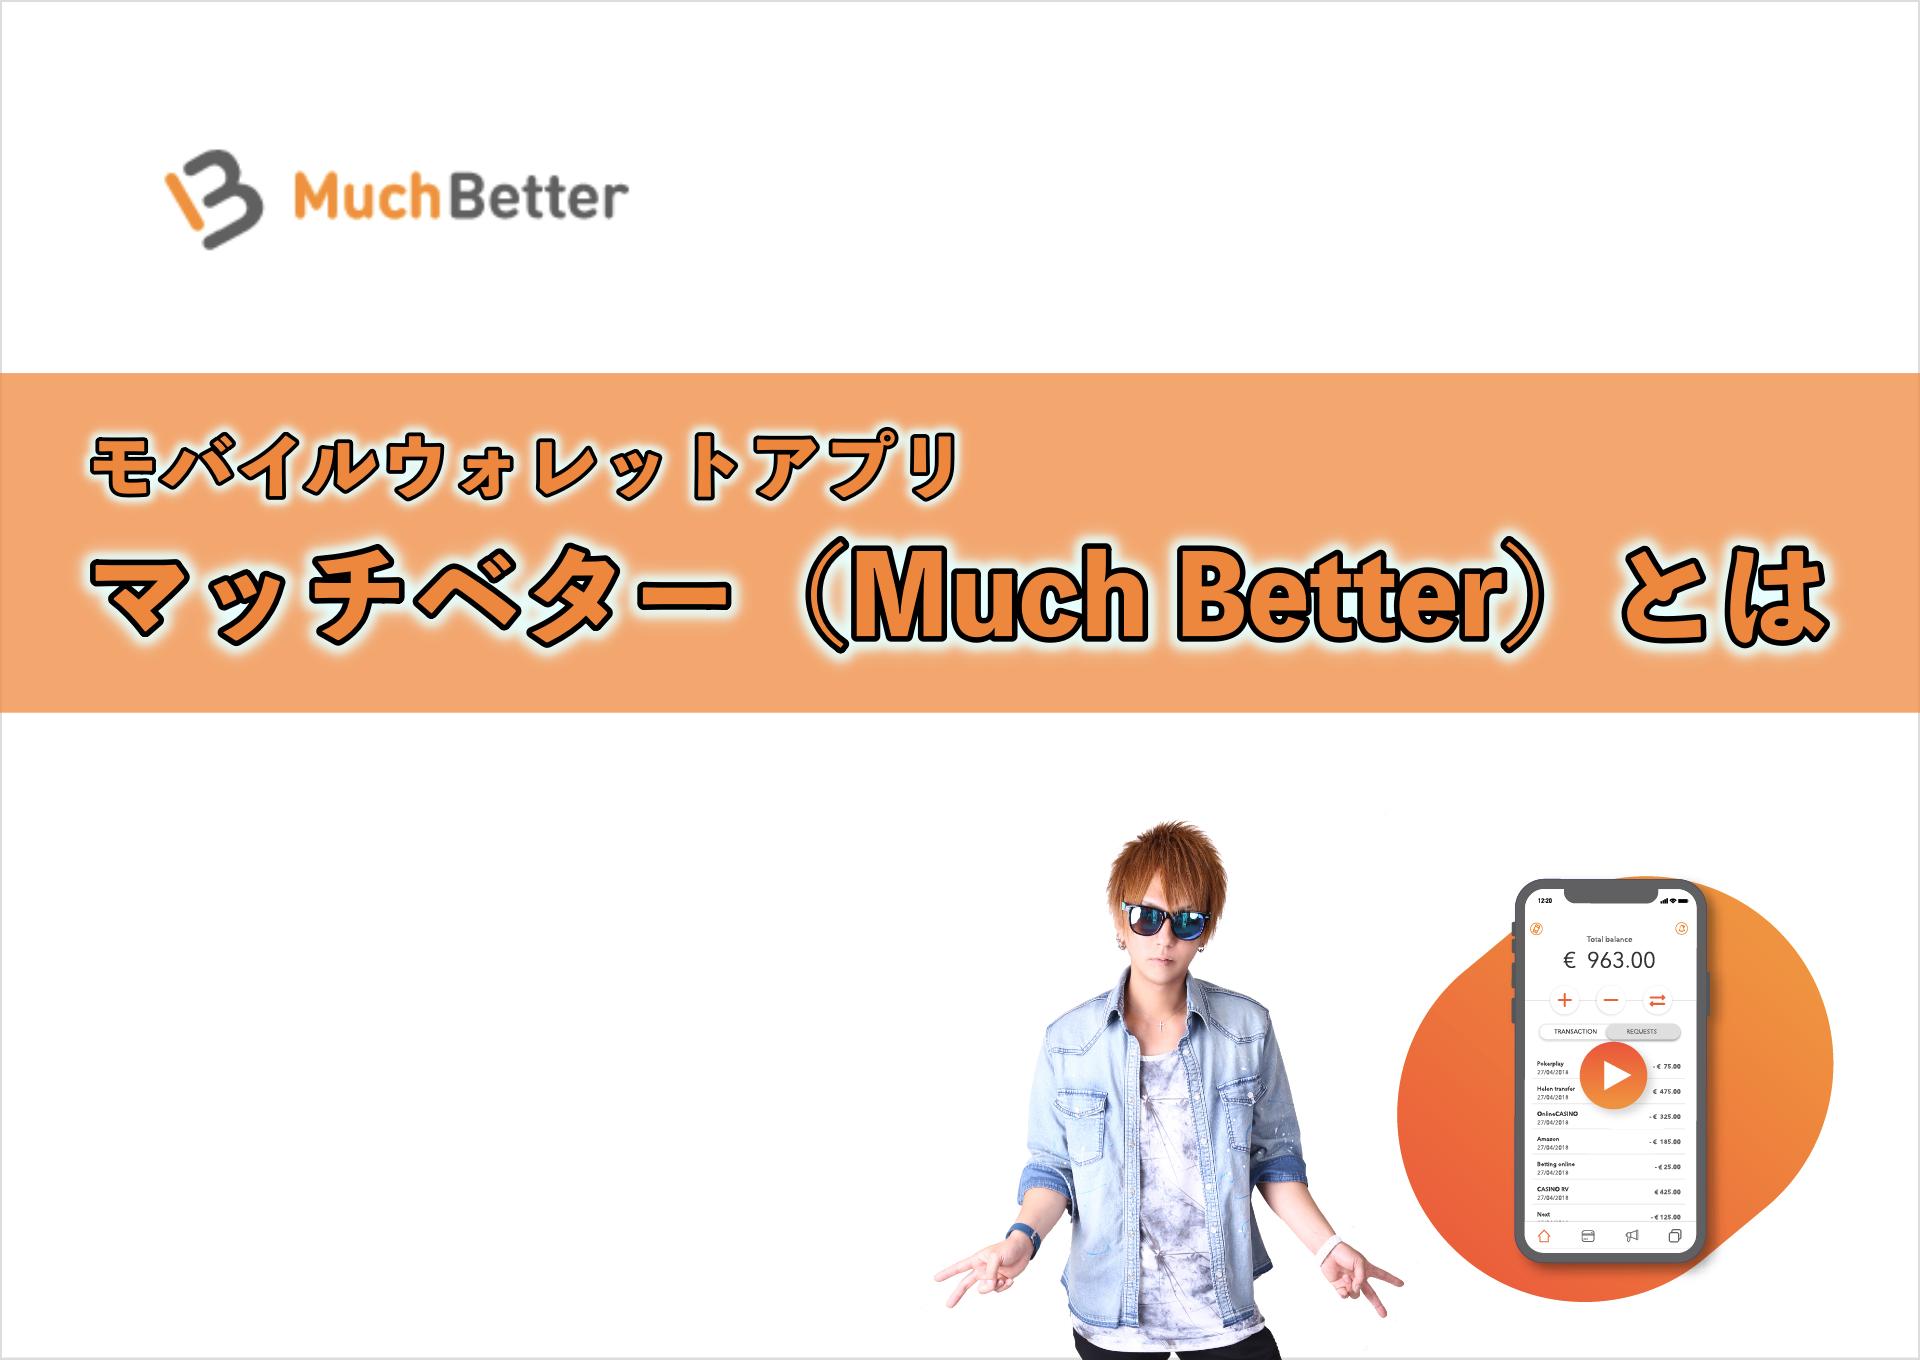 マッチベター(Much Better)とはどんな決済サービス?日本で普及すればすごい便利そう!